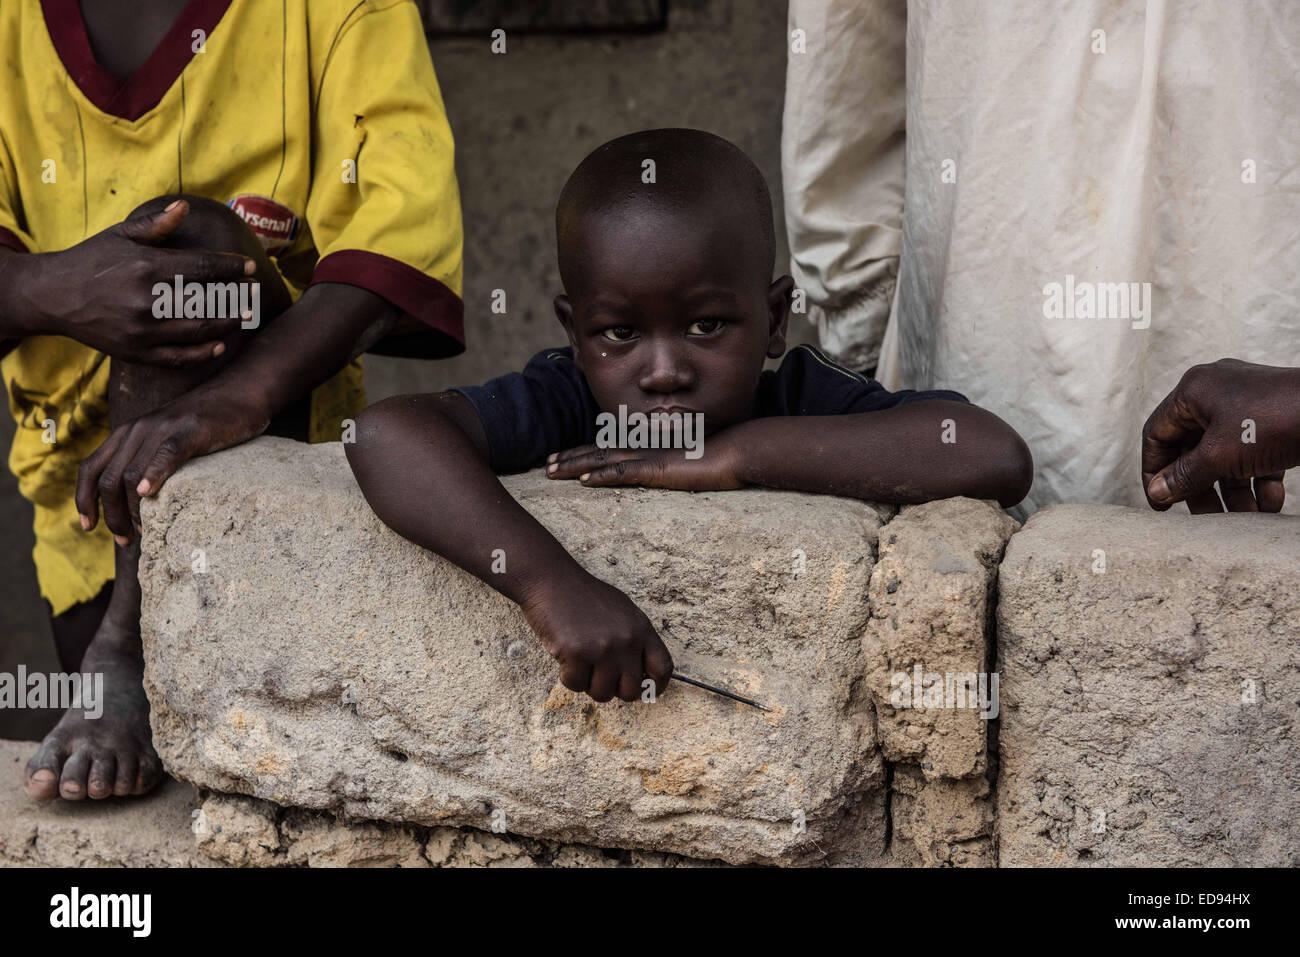 Una familia sospechosa de haber entrado en contacto con el ébola es puesto en cuarentena en Tambiama village. Con el Ébola propagándose a través de las aldeas de los alrededores de Makeni, algunos han conseguido para protegerse a sí mismos, mientras que otros han sido devastadas por el virus. La aldea de Yeli Sanda perdió decenas al virus, mientras que a tan sólo 100 m de la carretera, la vecina aldea Yoni ha evitado por completo. El 28 de noviembre de 2014. Makeni, Sierra Leona. Foto de stock